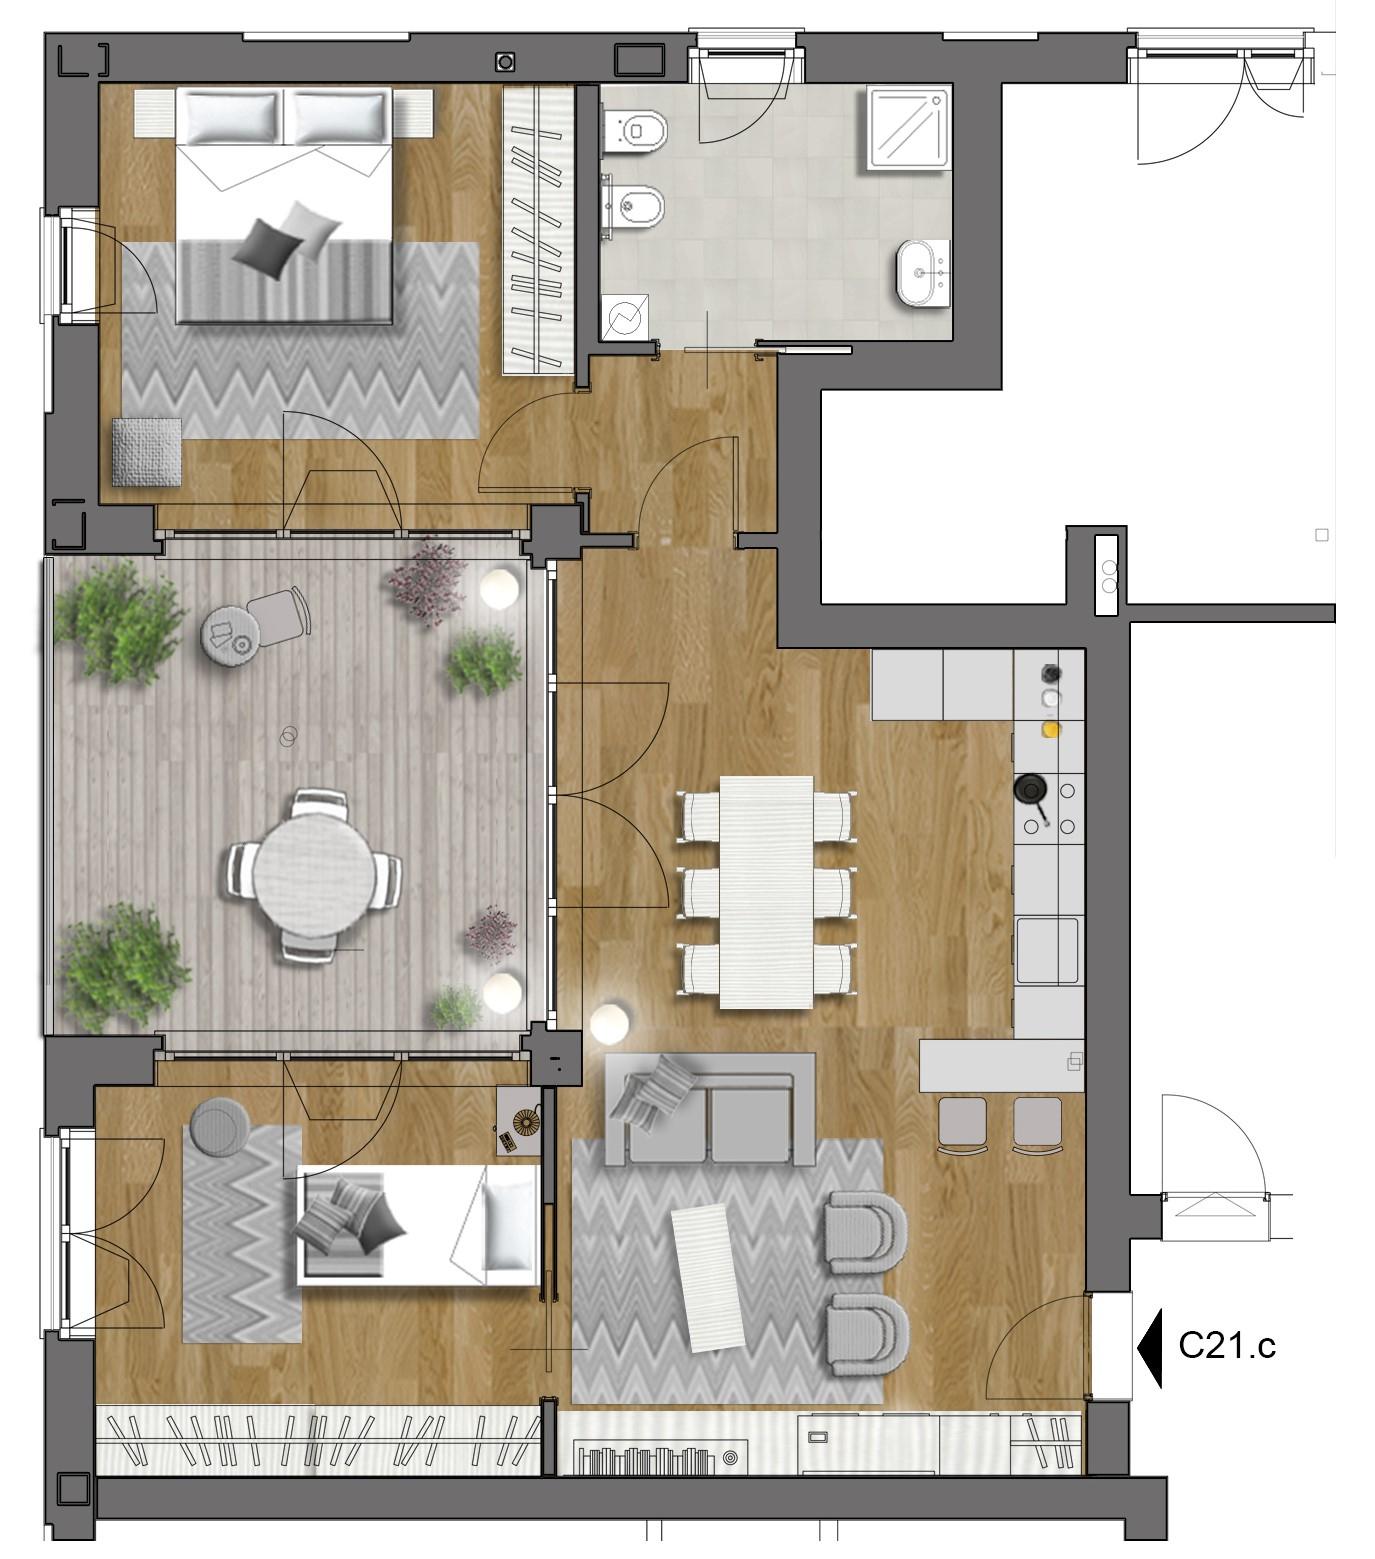 Appartamento in vendita a Trieste, 3 locali, zona Località: Zonedipregio, prezzo € 335.000 | PortaleAgenzieImmobiliari.it